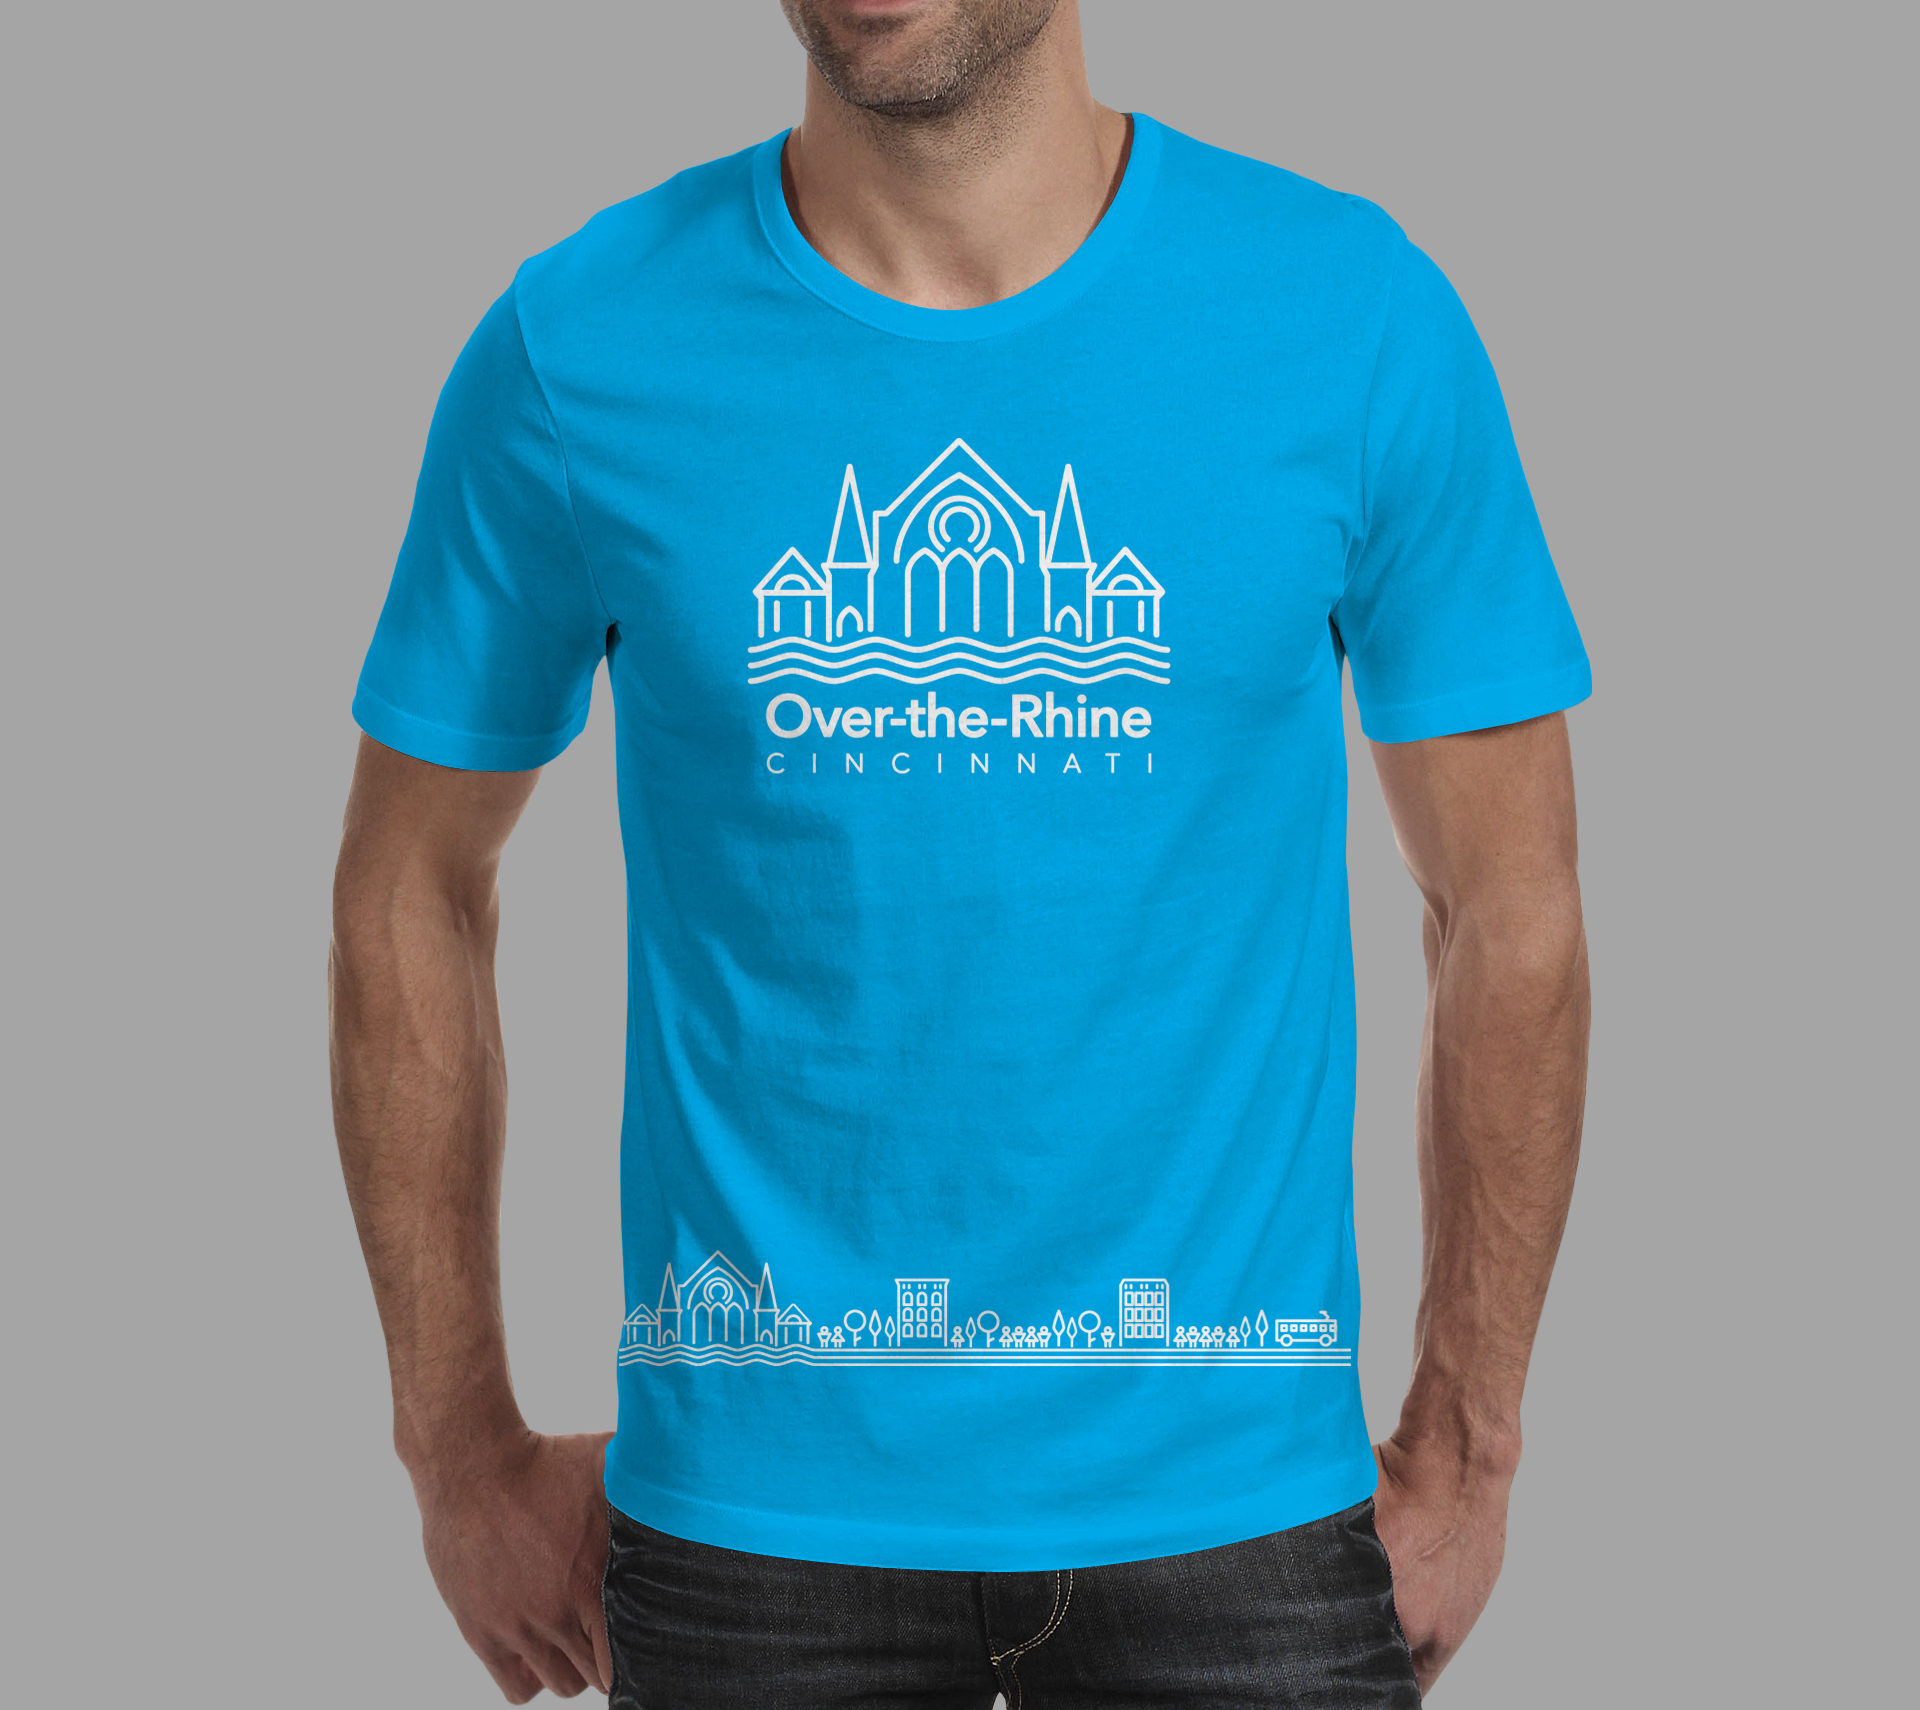 t-shirt-otr-1.jpg